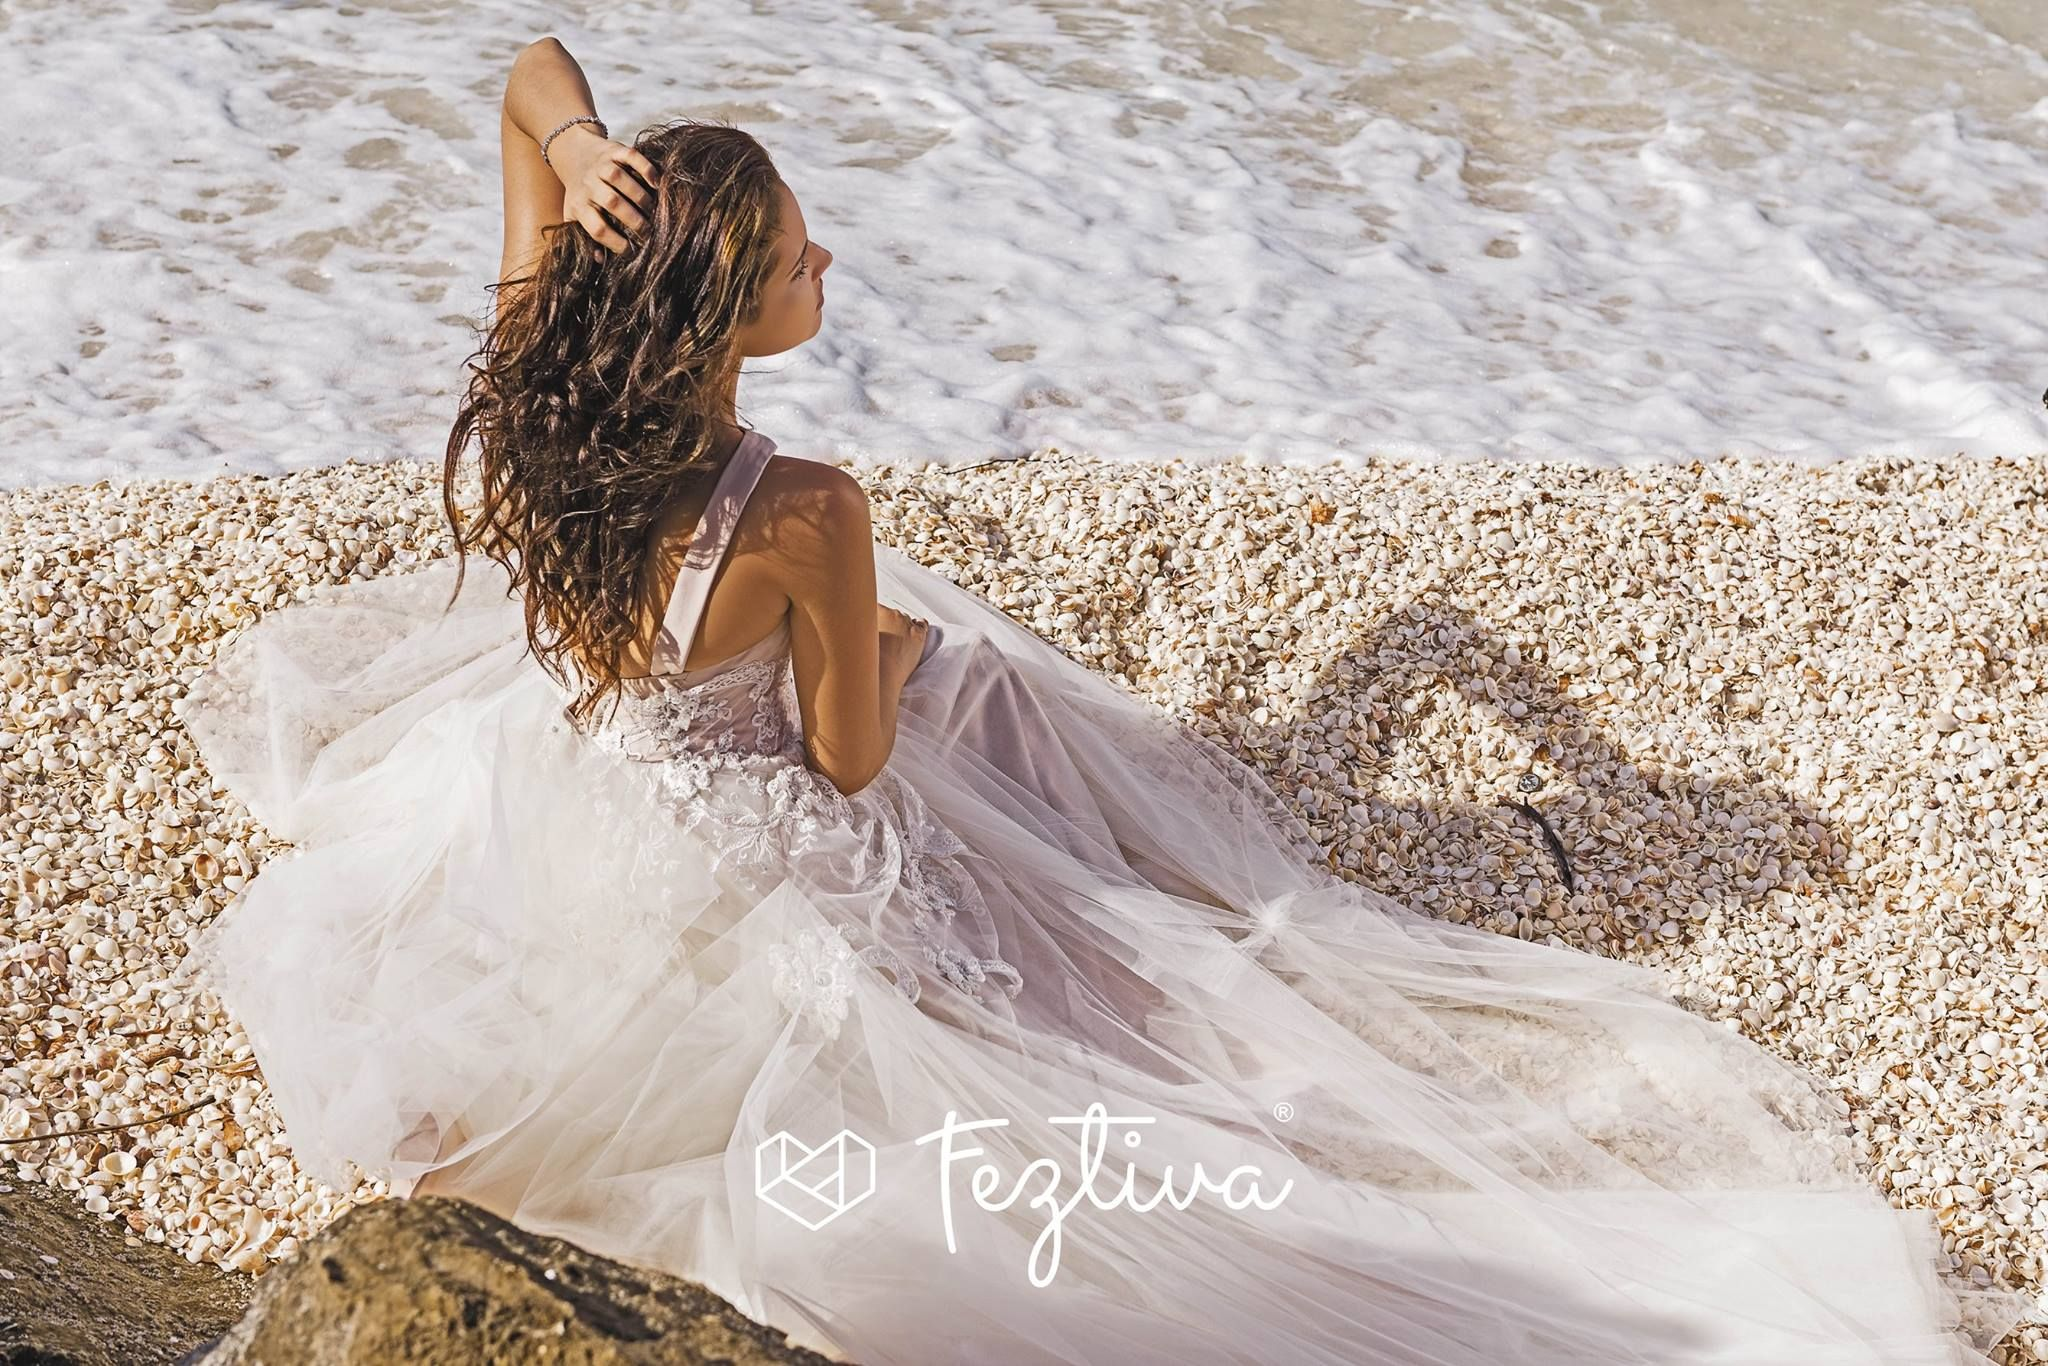 Edición 44, Revista Feztiva, Moda: Love is in the air ...